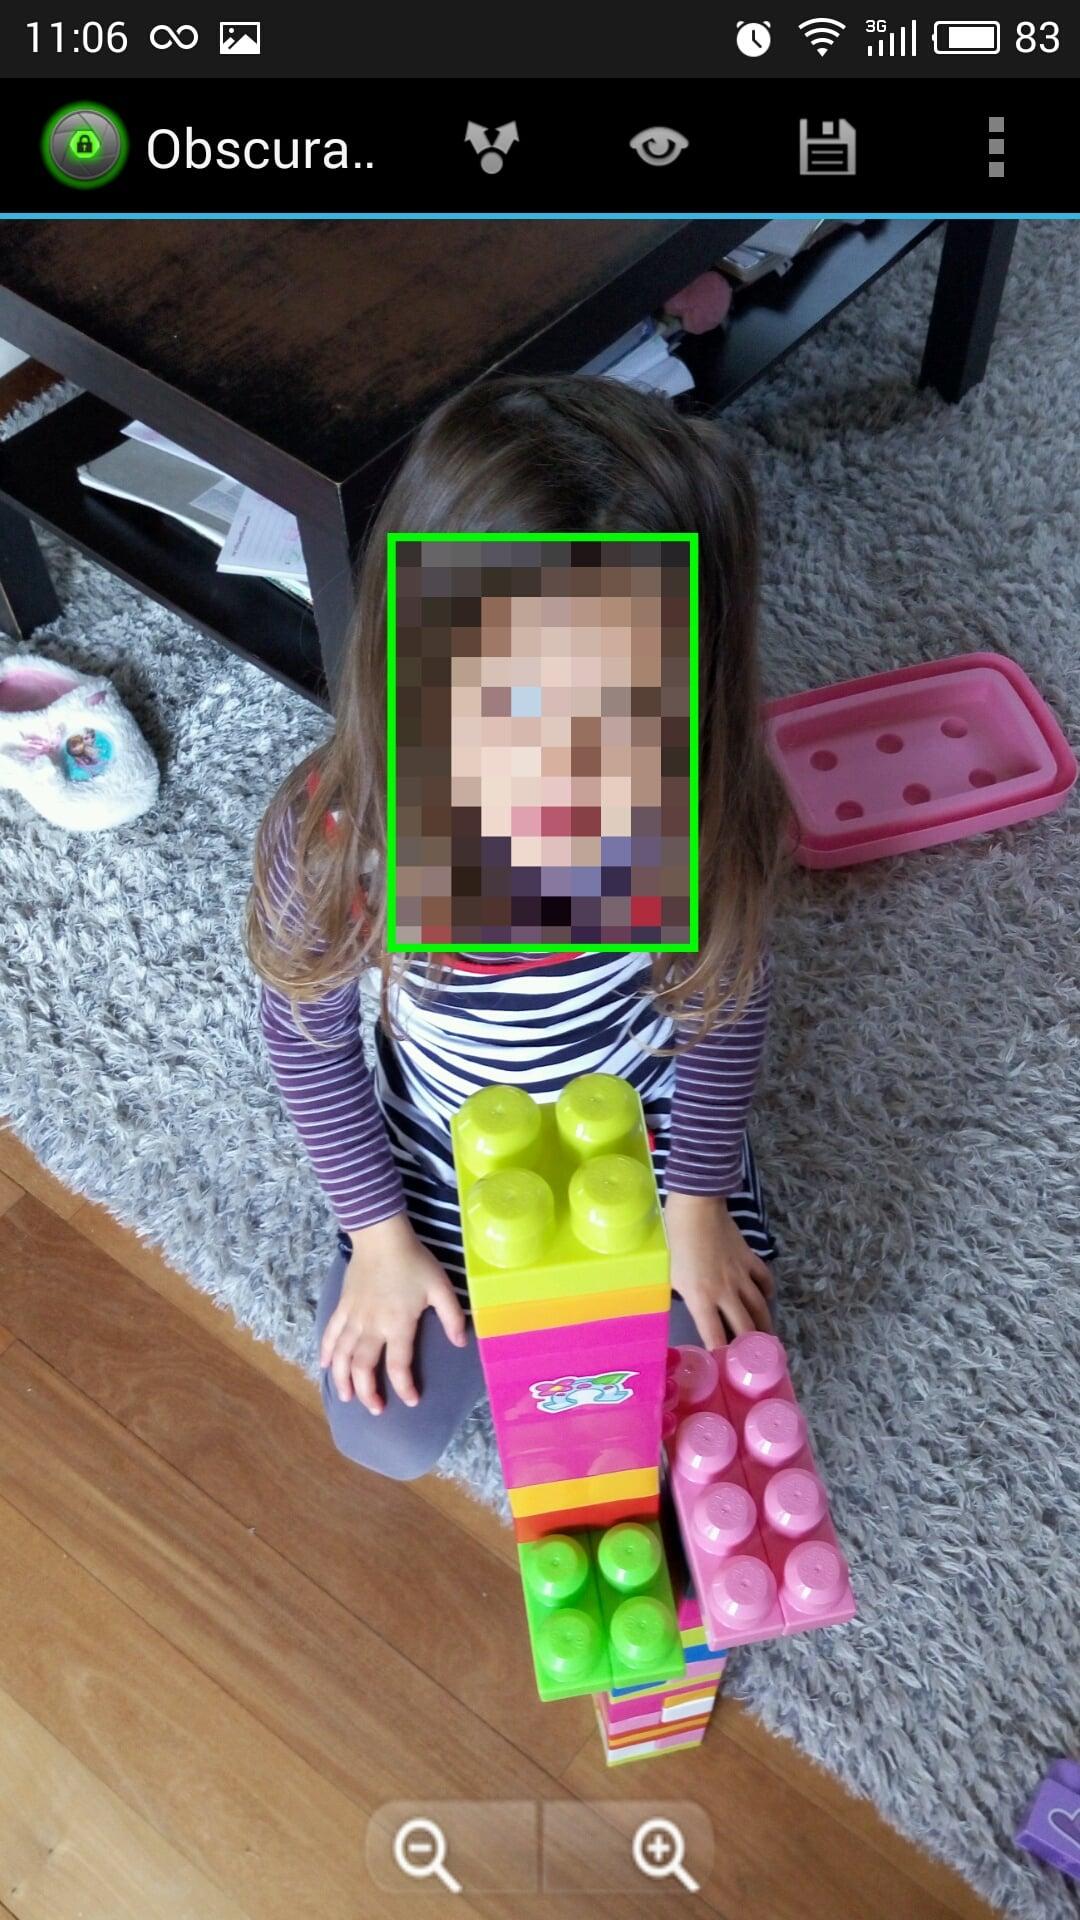 ObscuraCam photo